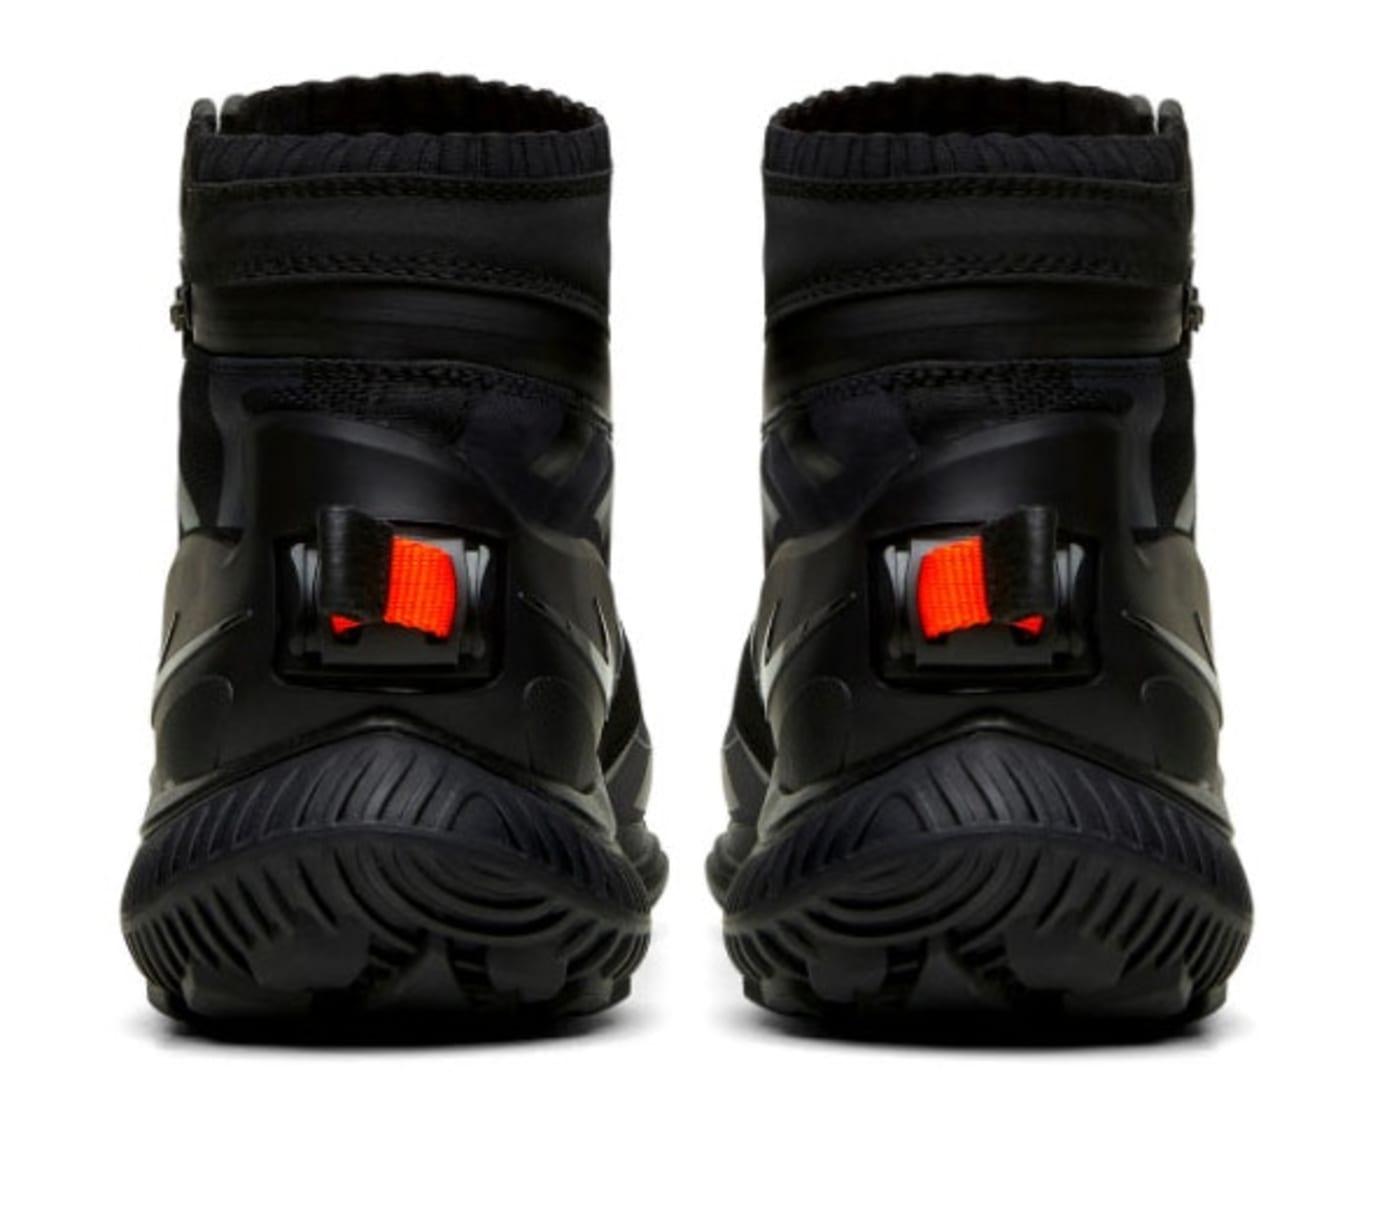 NikeLab Gyakusou Gaiter Boot 'Black' (Heel)